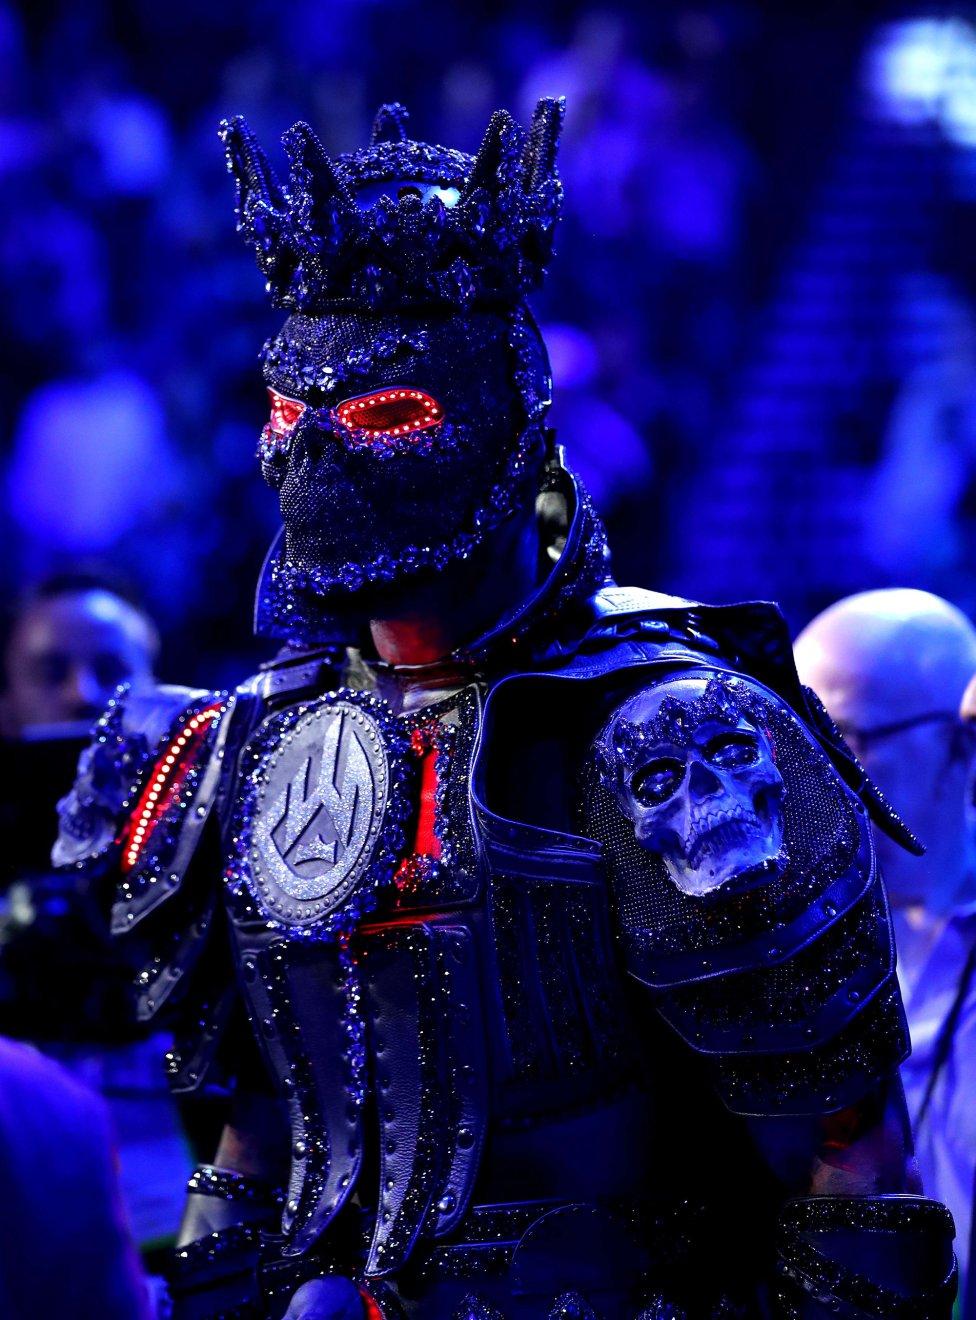 El boxeador Deontay Wilder entra al ring antes de la pelea de peso pesado para el título de WBC contra Tyson Fury en el MGM Grand Garden Arena en Las Vegas, Nevada.